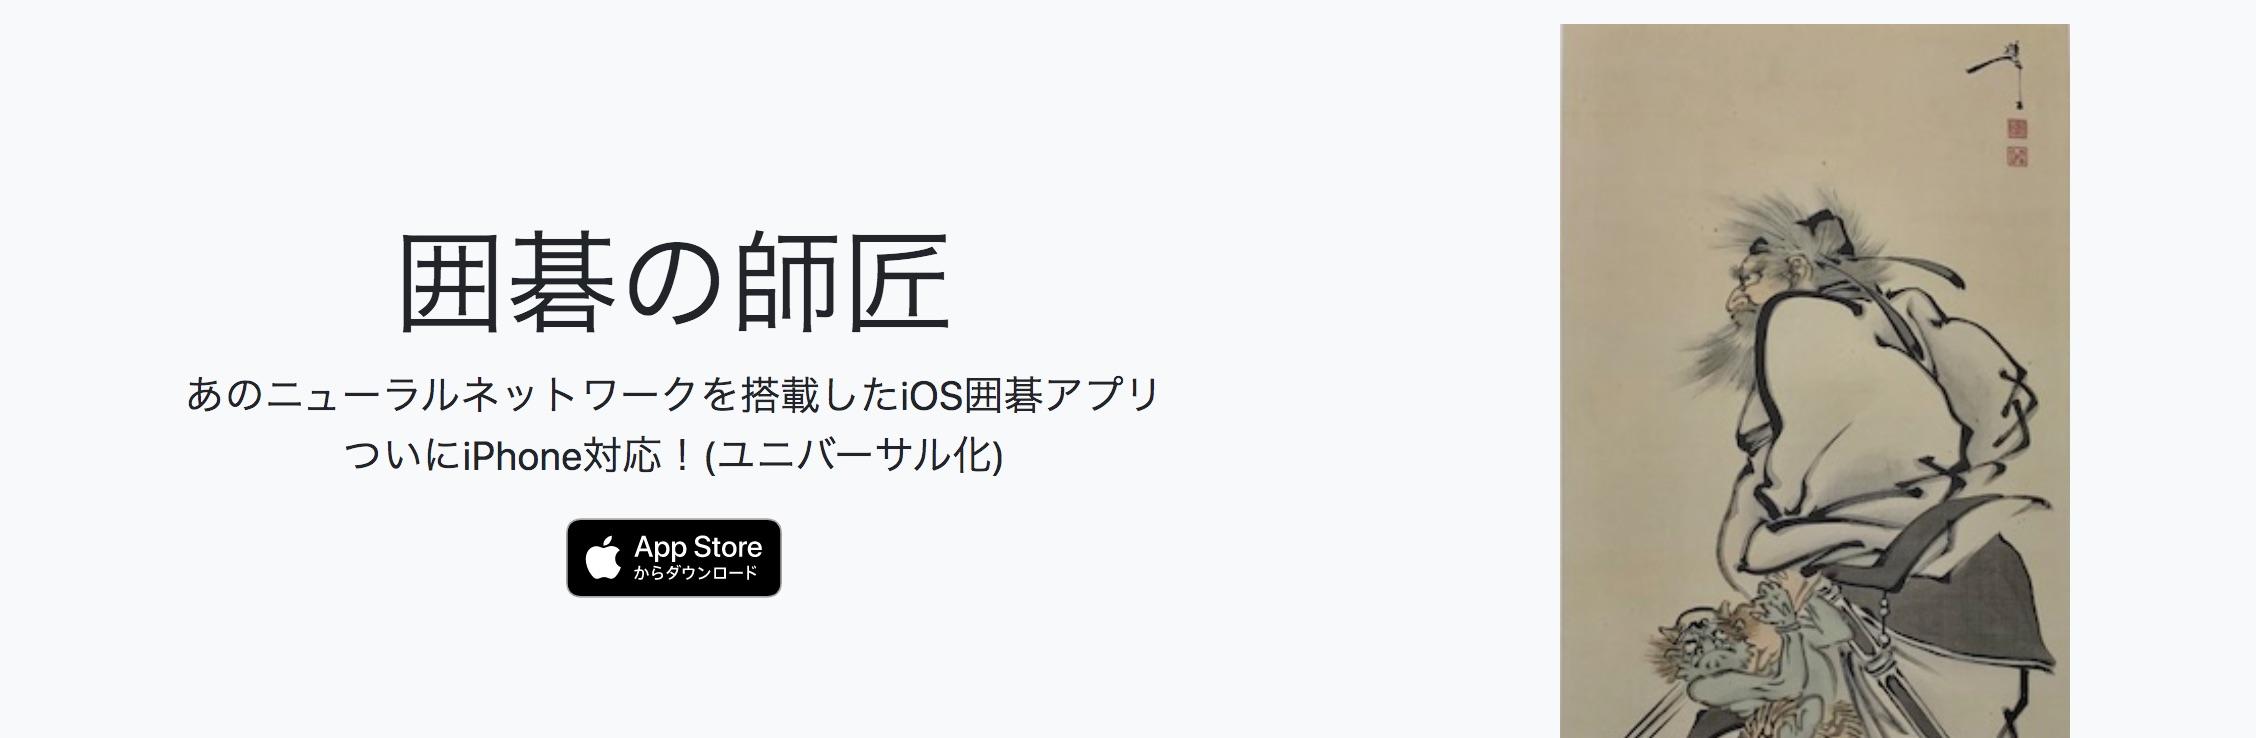 囲碁の師匠アプリ紹介